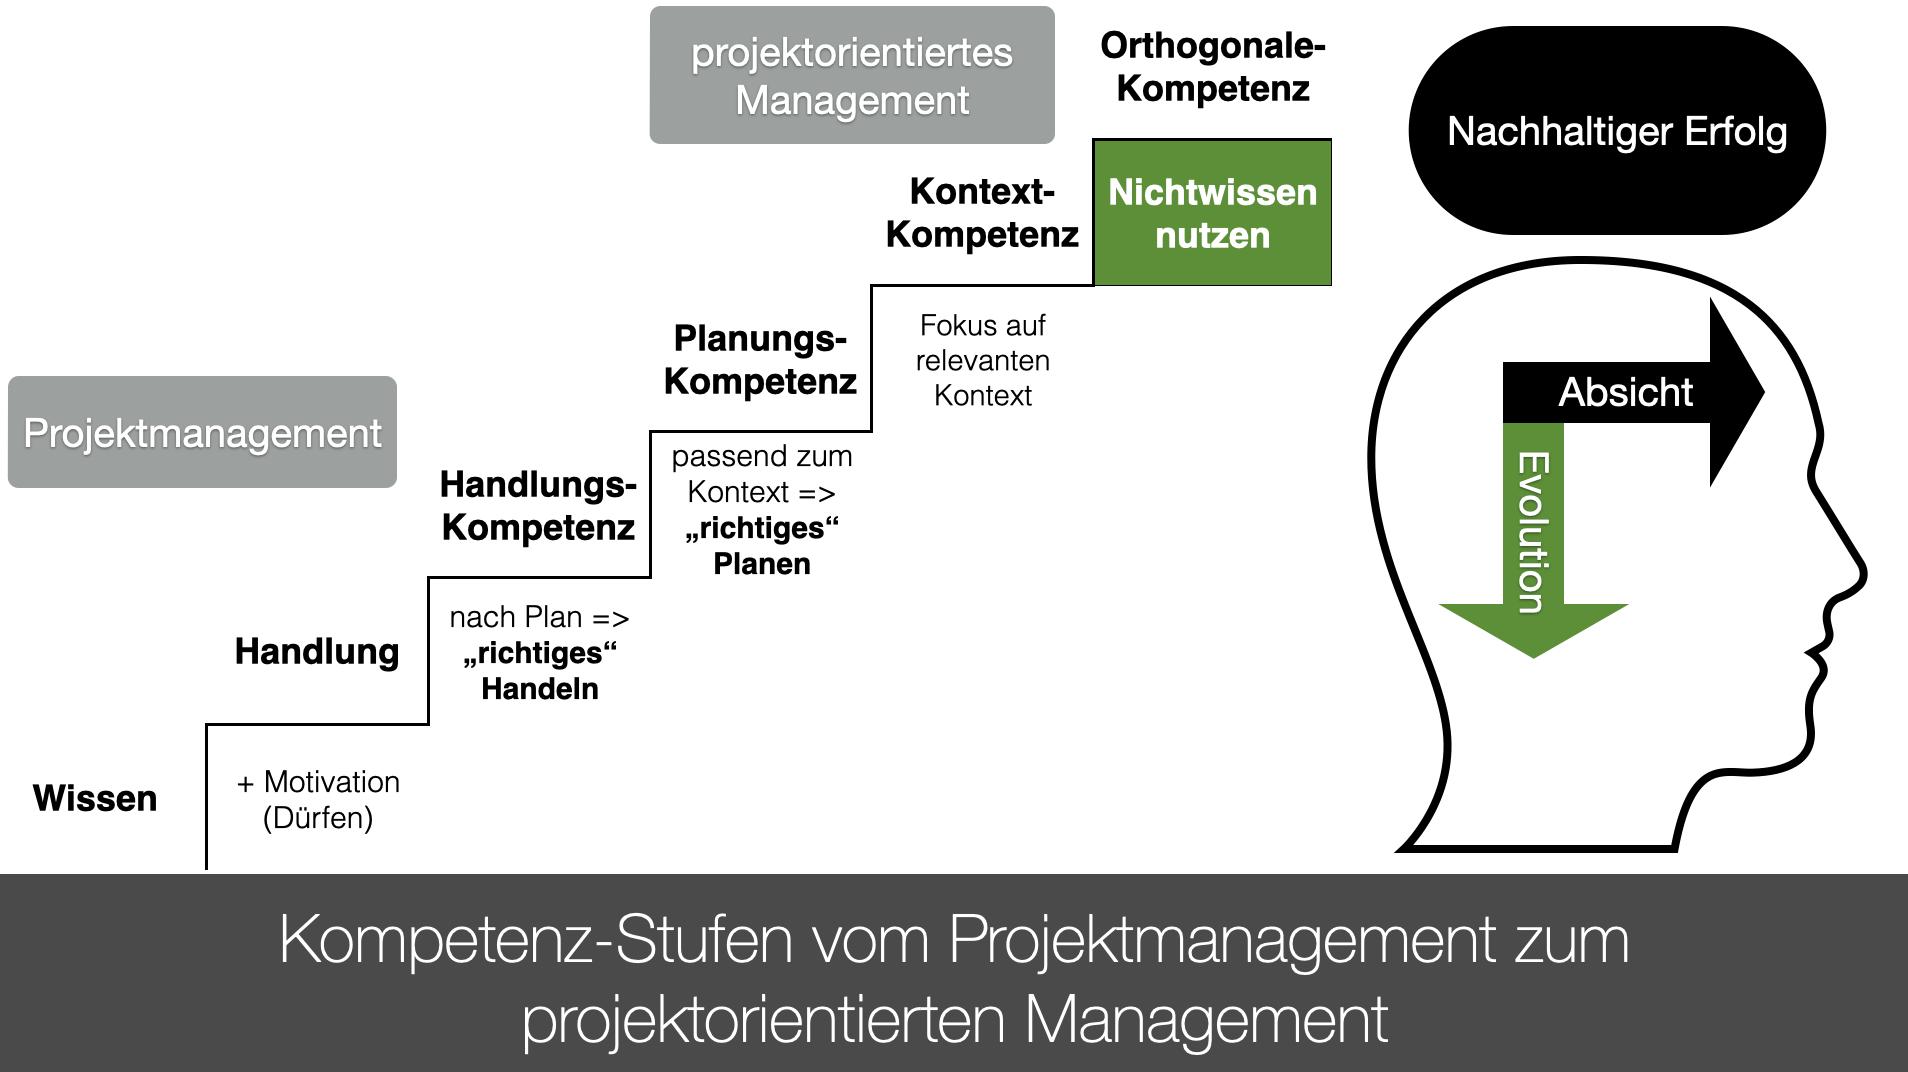 Kompetenz-Stufen vom Projektmanagement zum projektorientierten Management